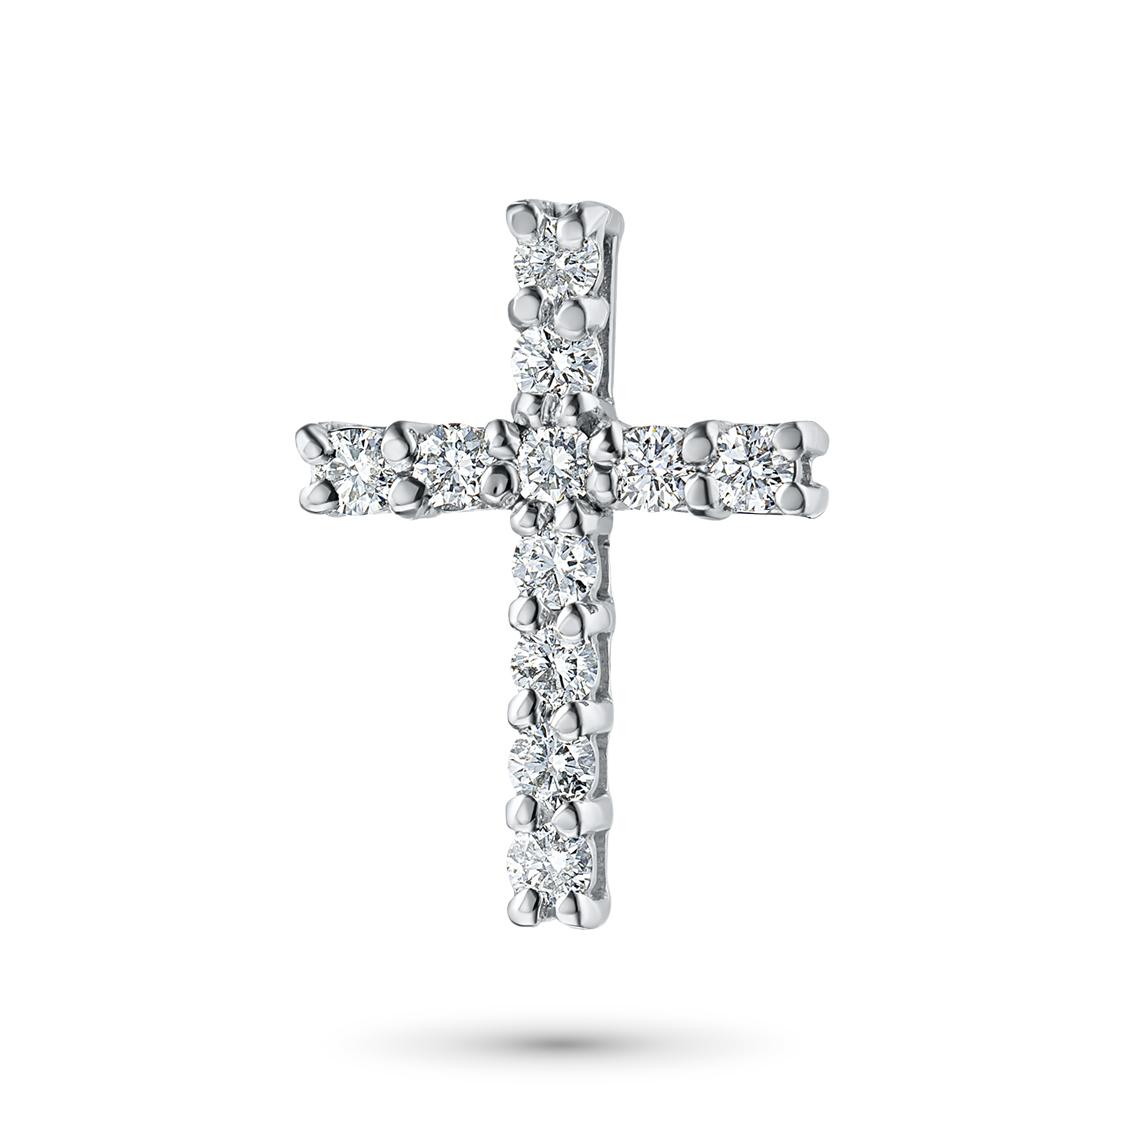 Подвеска из белого золота с бриллиантами ктп09п081703